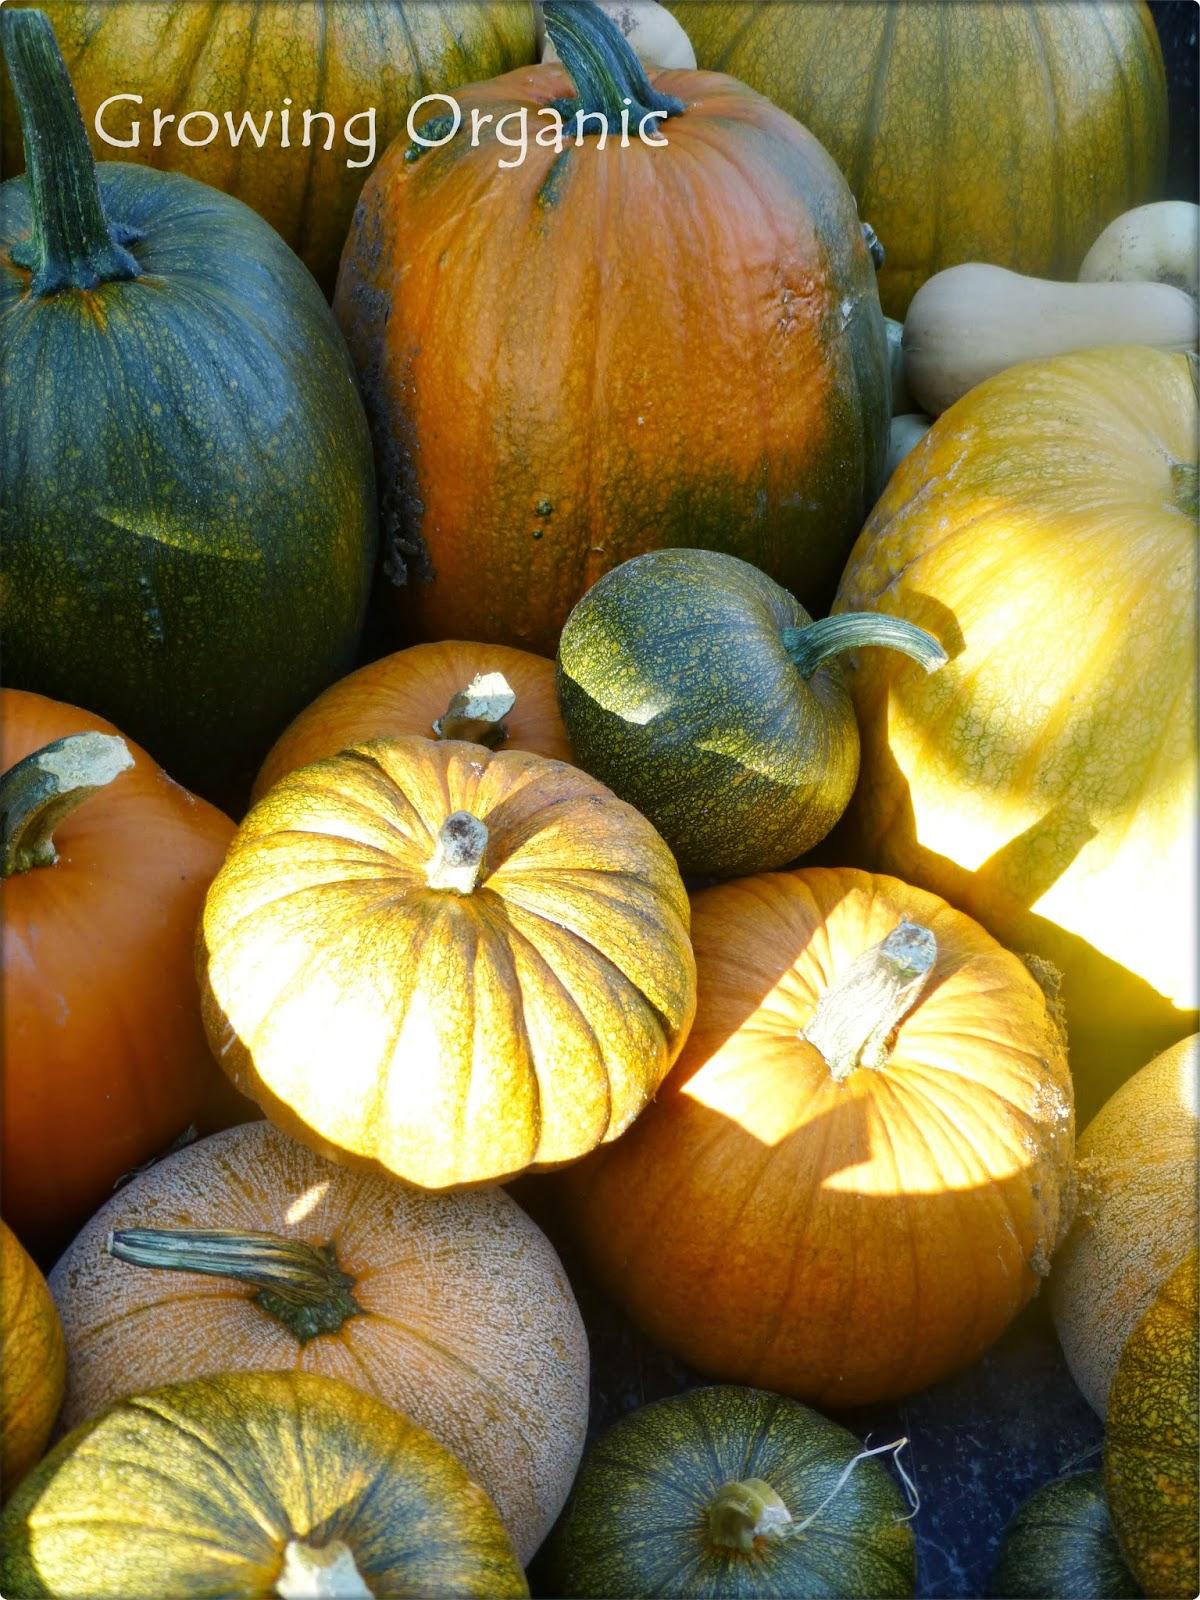 Growing Organic : Pie Pumpkins or Sugar Pumpkins